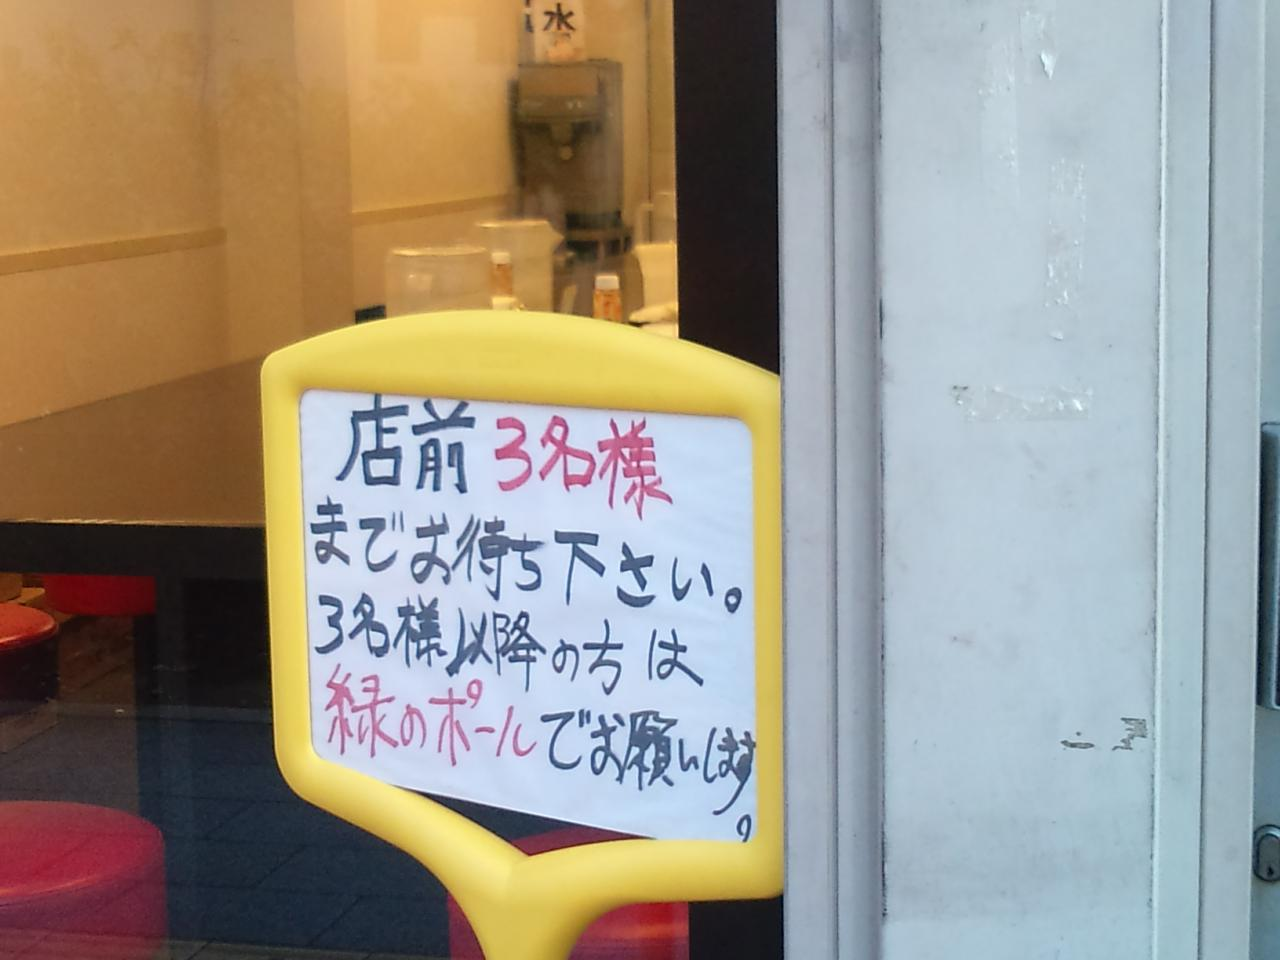 カレーは飲み物秋葉原店(店舗看板)